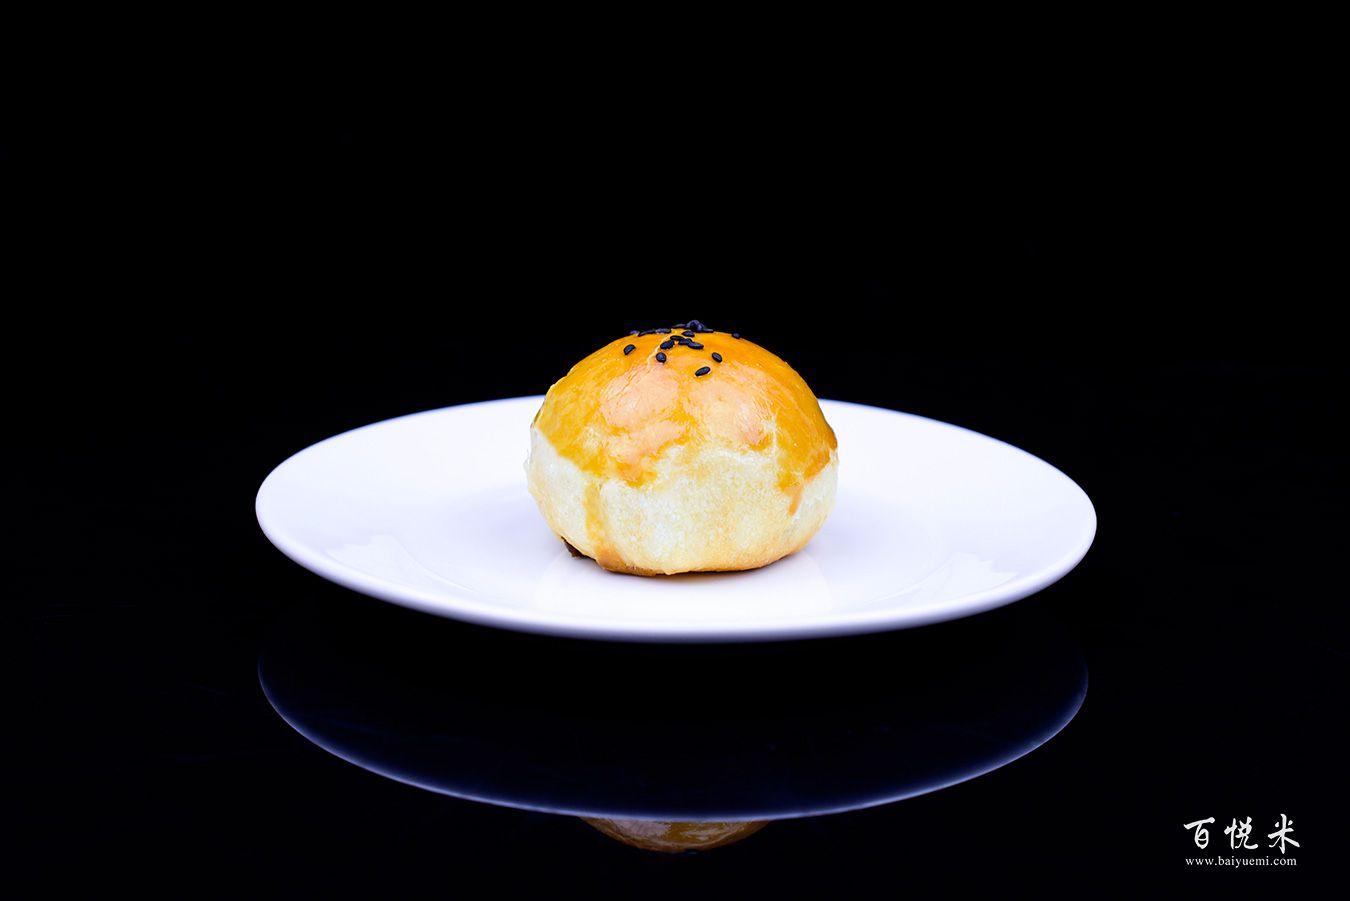 蛋黄酥高清图片大全【蛋糕图片】_859